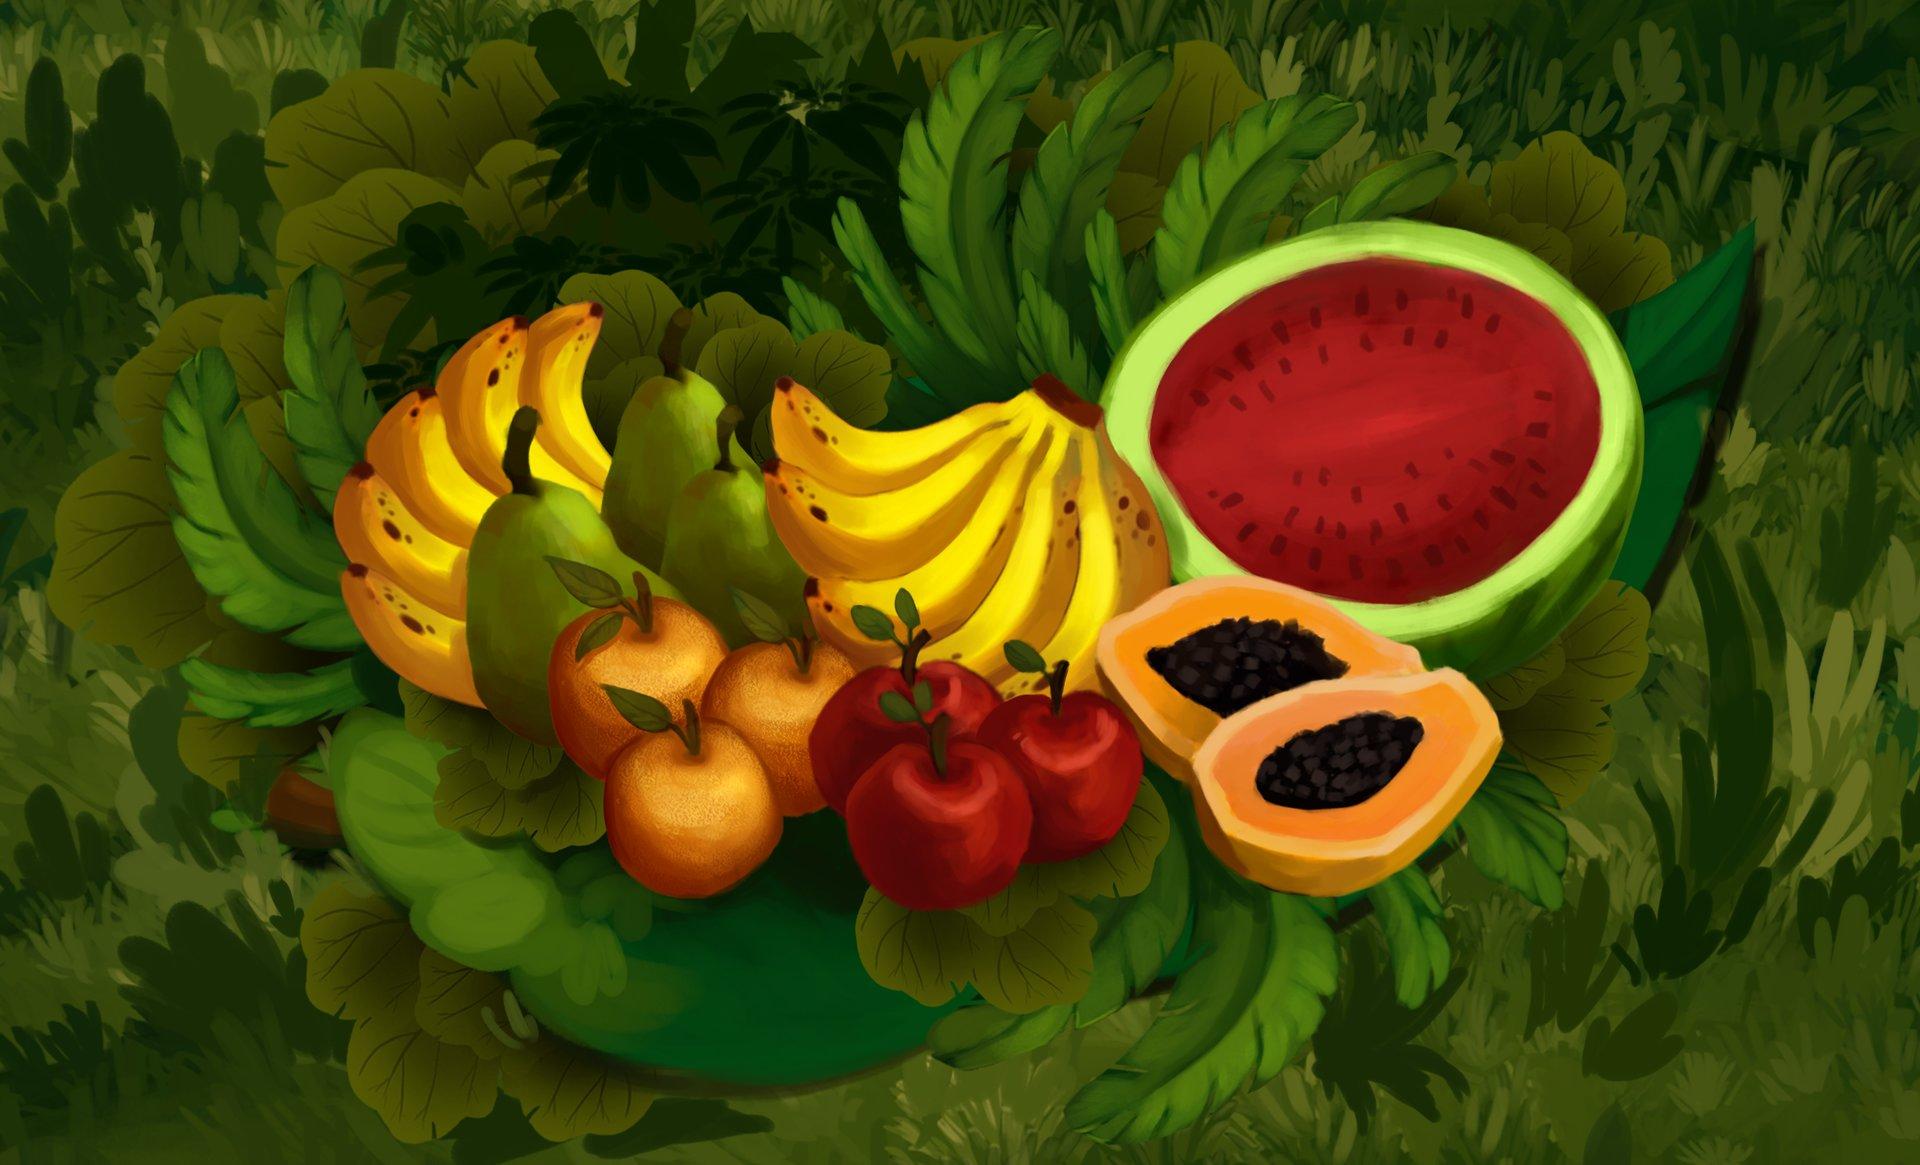 Joao henrique pacheco frutas